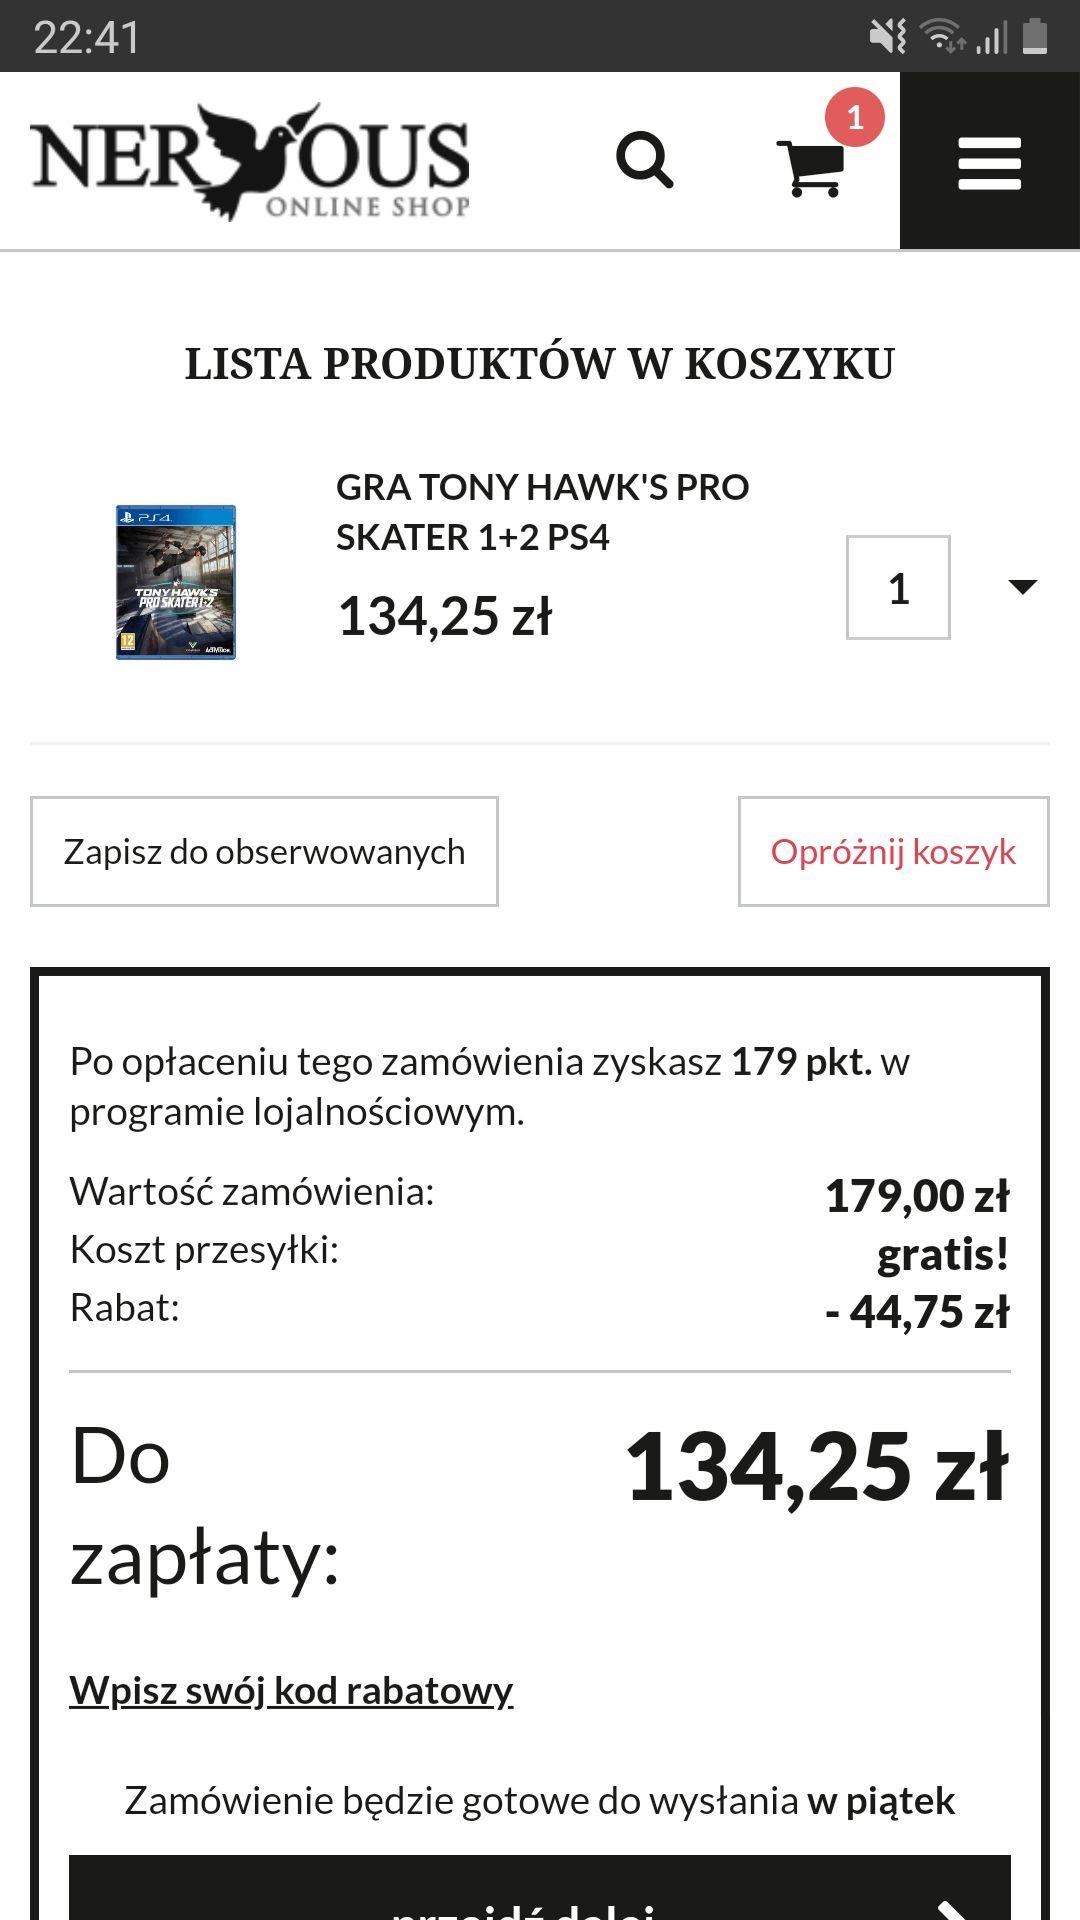 Tony Hawk's Pro Skater 1+2 PS4/XONE